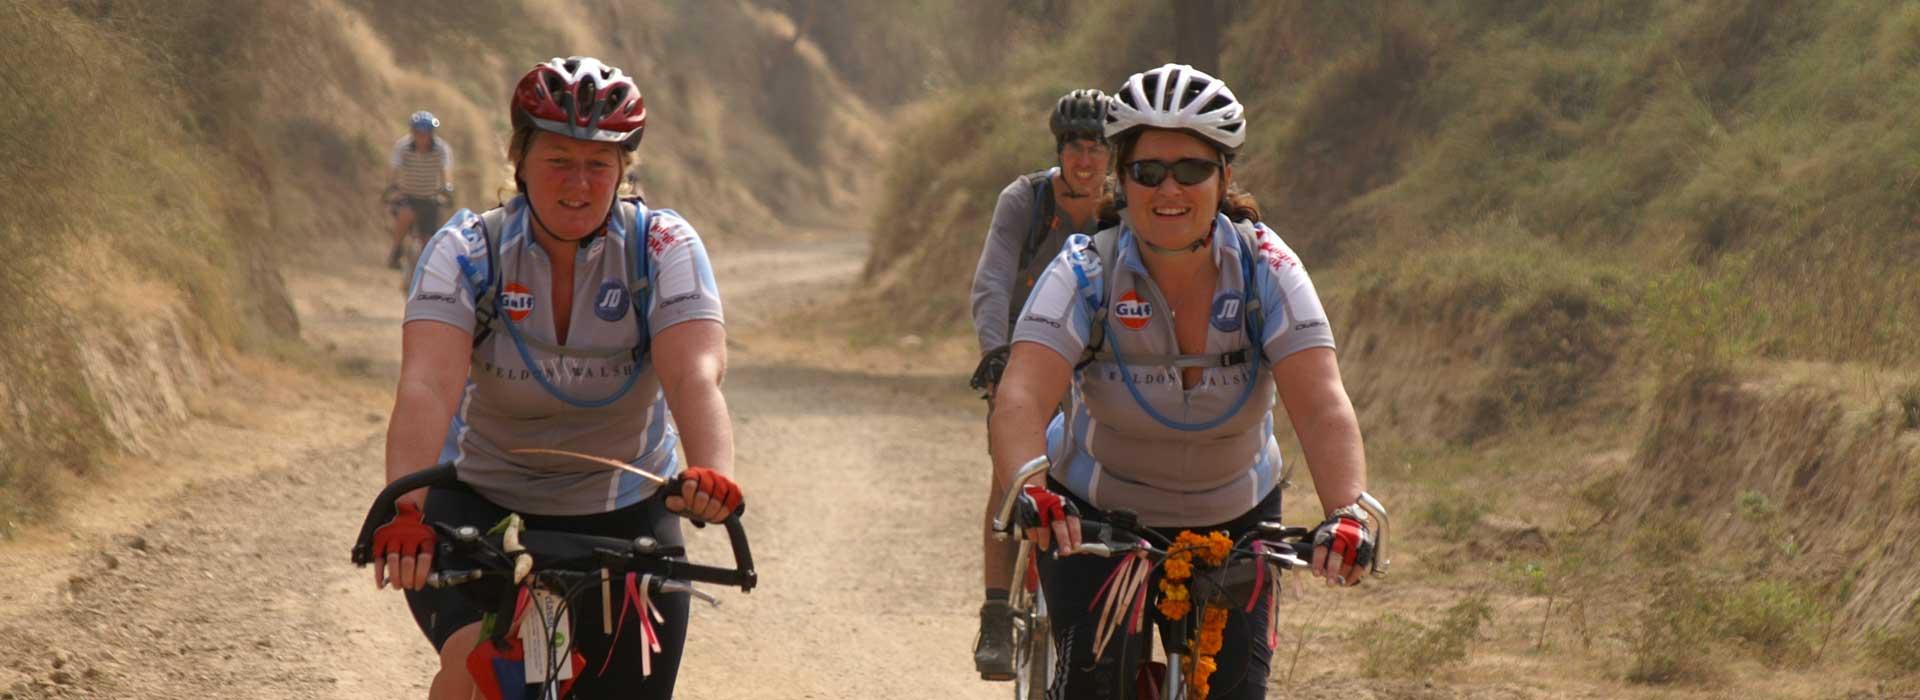 Bike Ride Agra